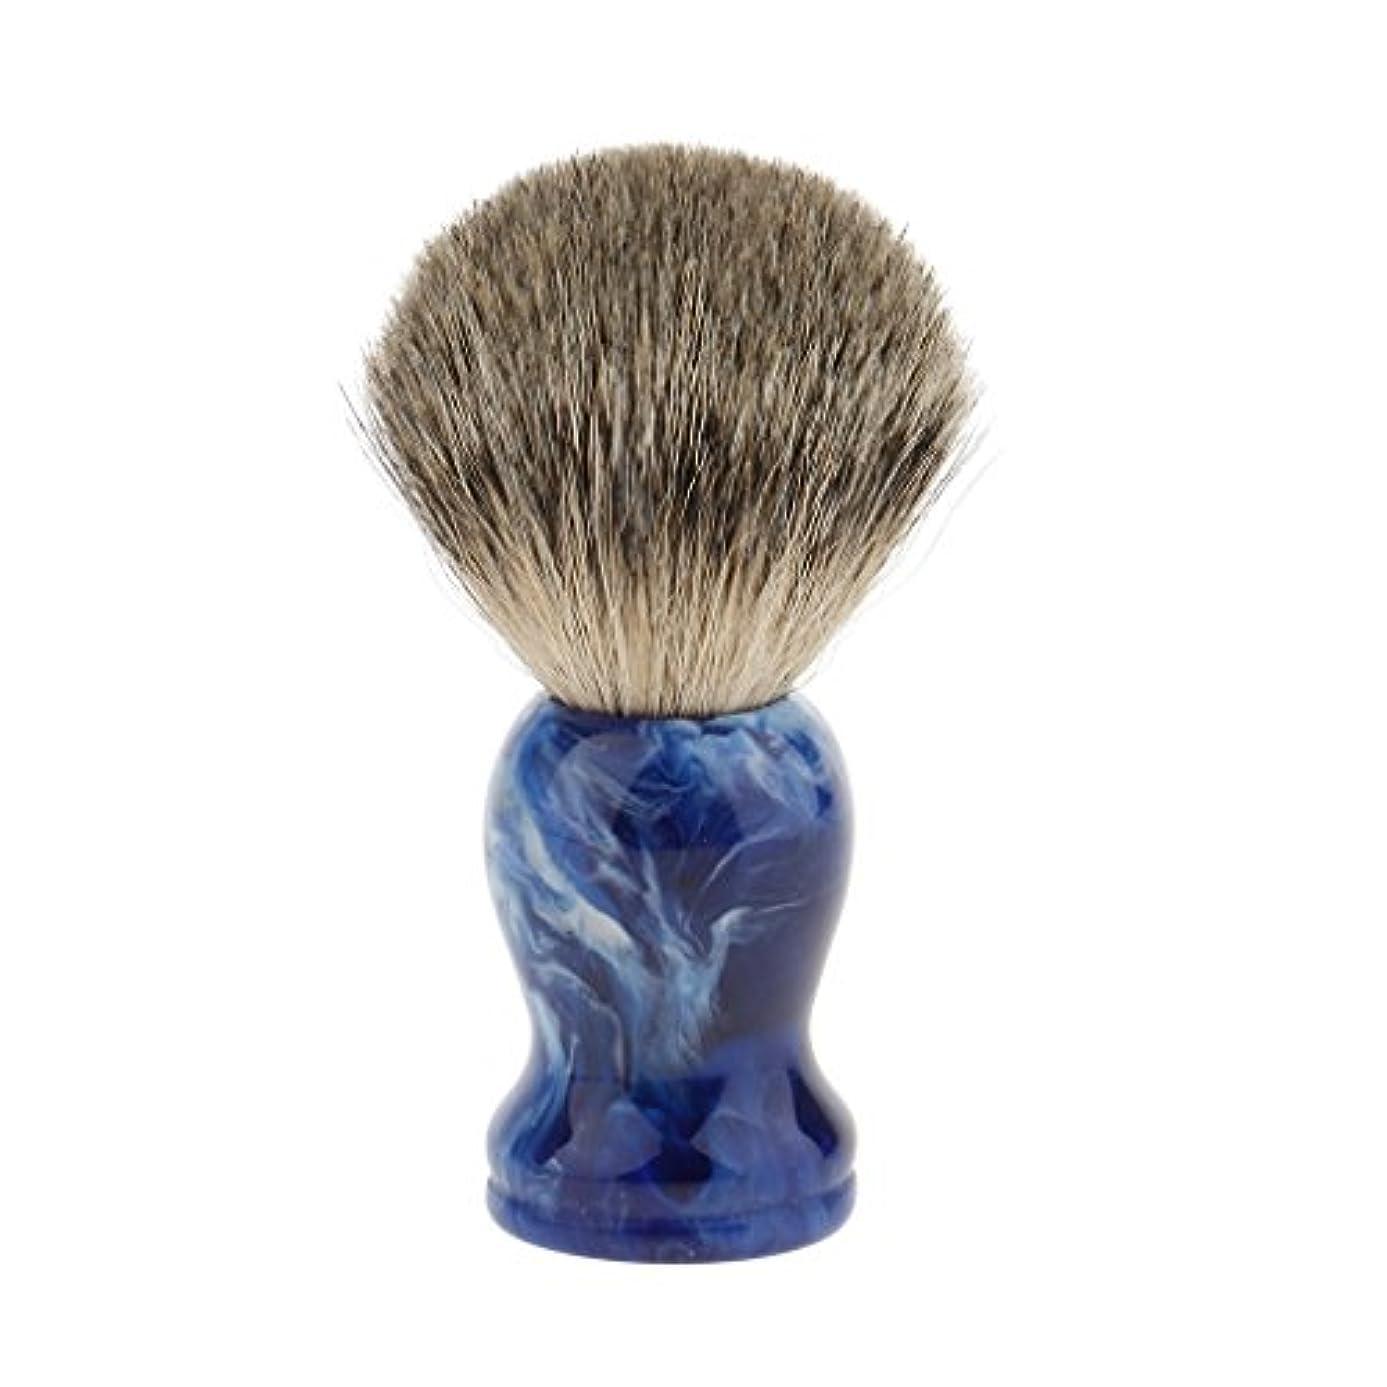 柔らかい足是正非効率的なシェービングブラシ 理髪師 ひげ クリーニングツール プロ サロン 家庭 個人用